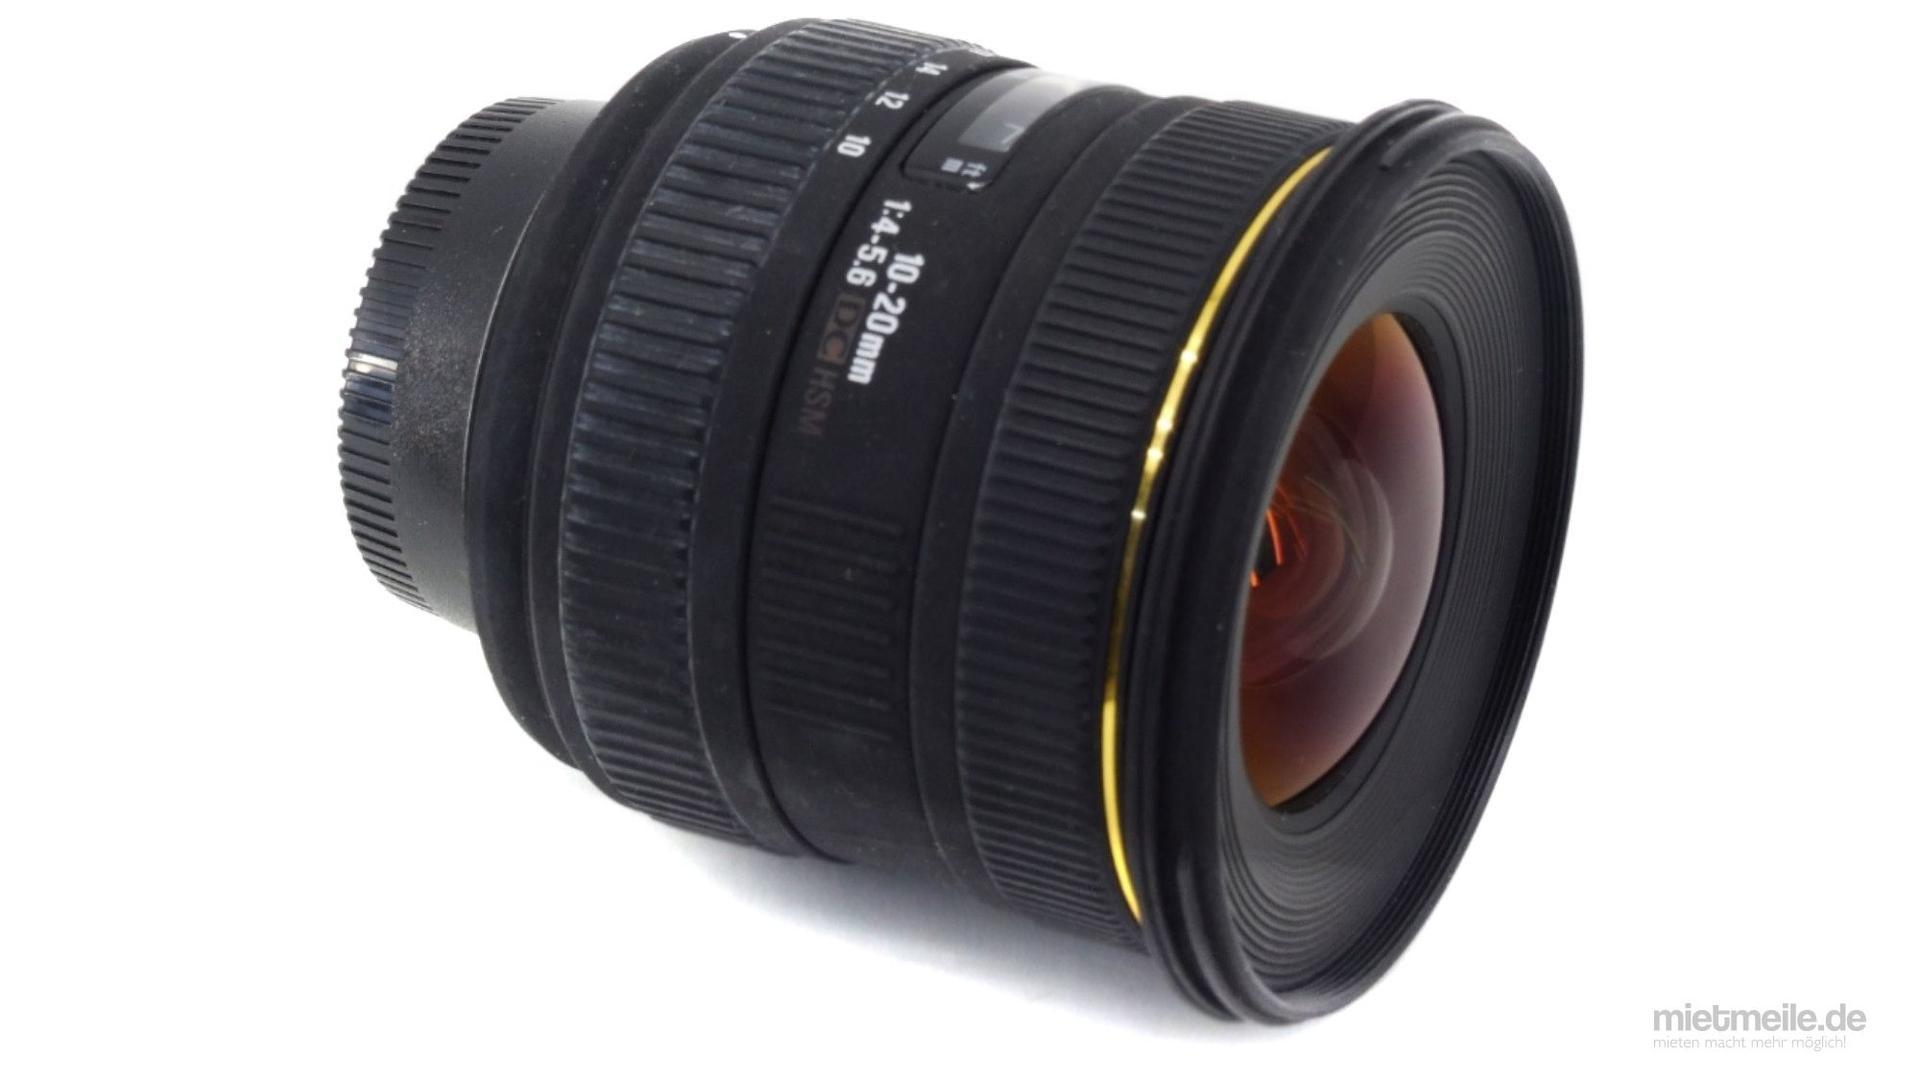 Objektive mieten & vermieten - Weitwinkel-Objektiv Sigma 10-20mm F/4-5,6 HSM Canon in Schkeuditz